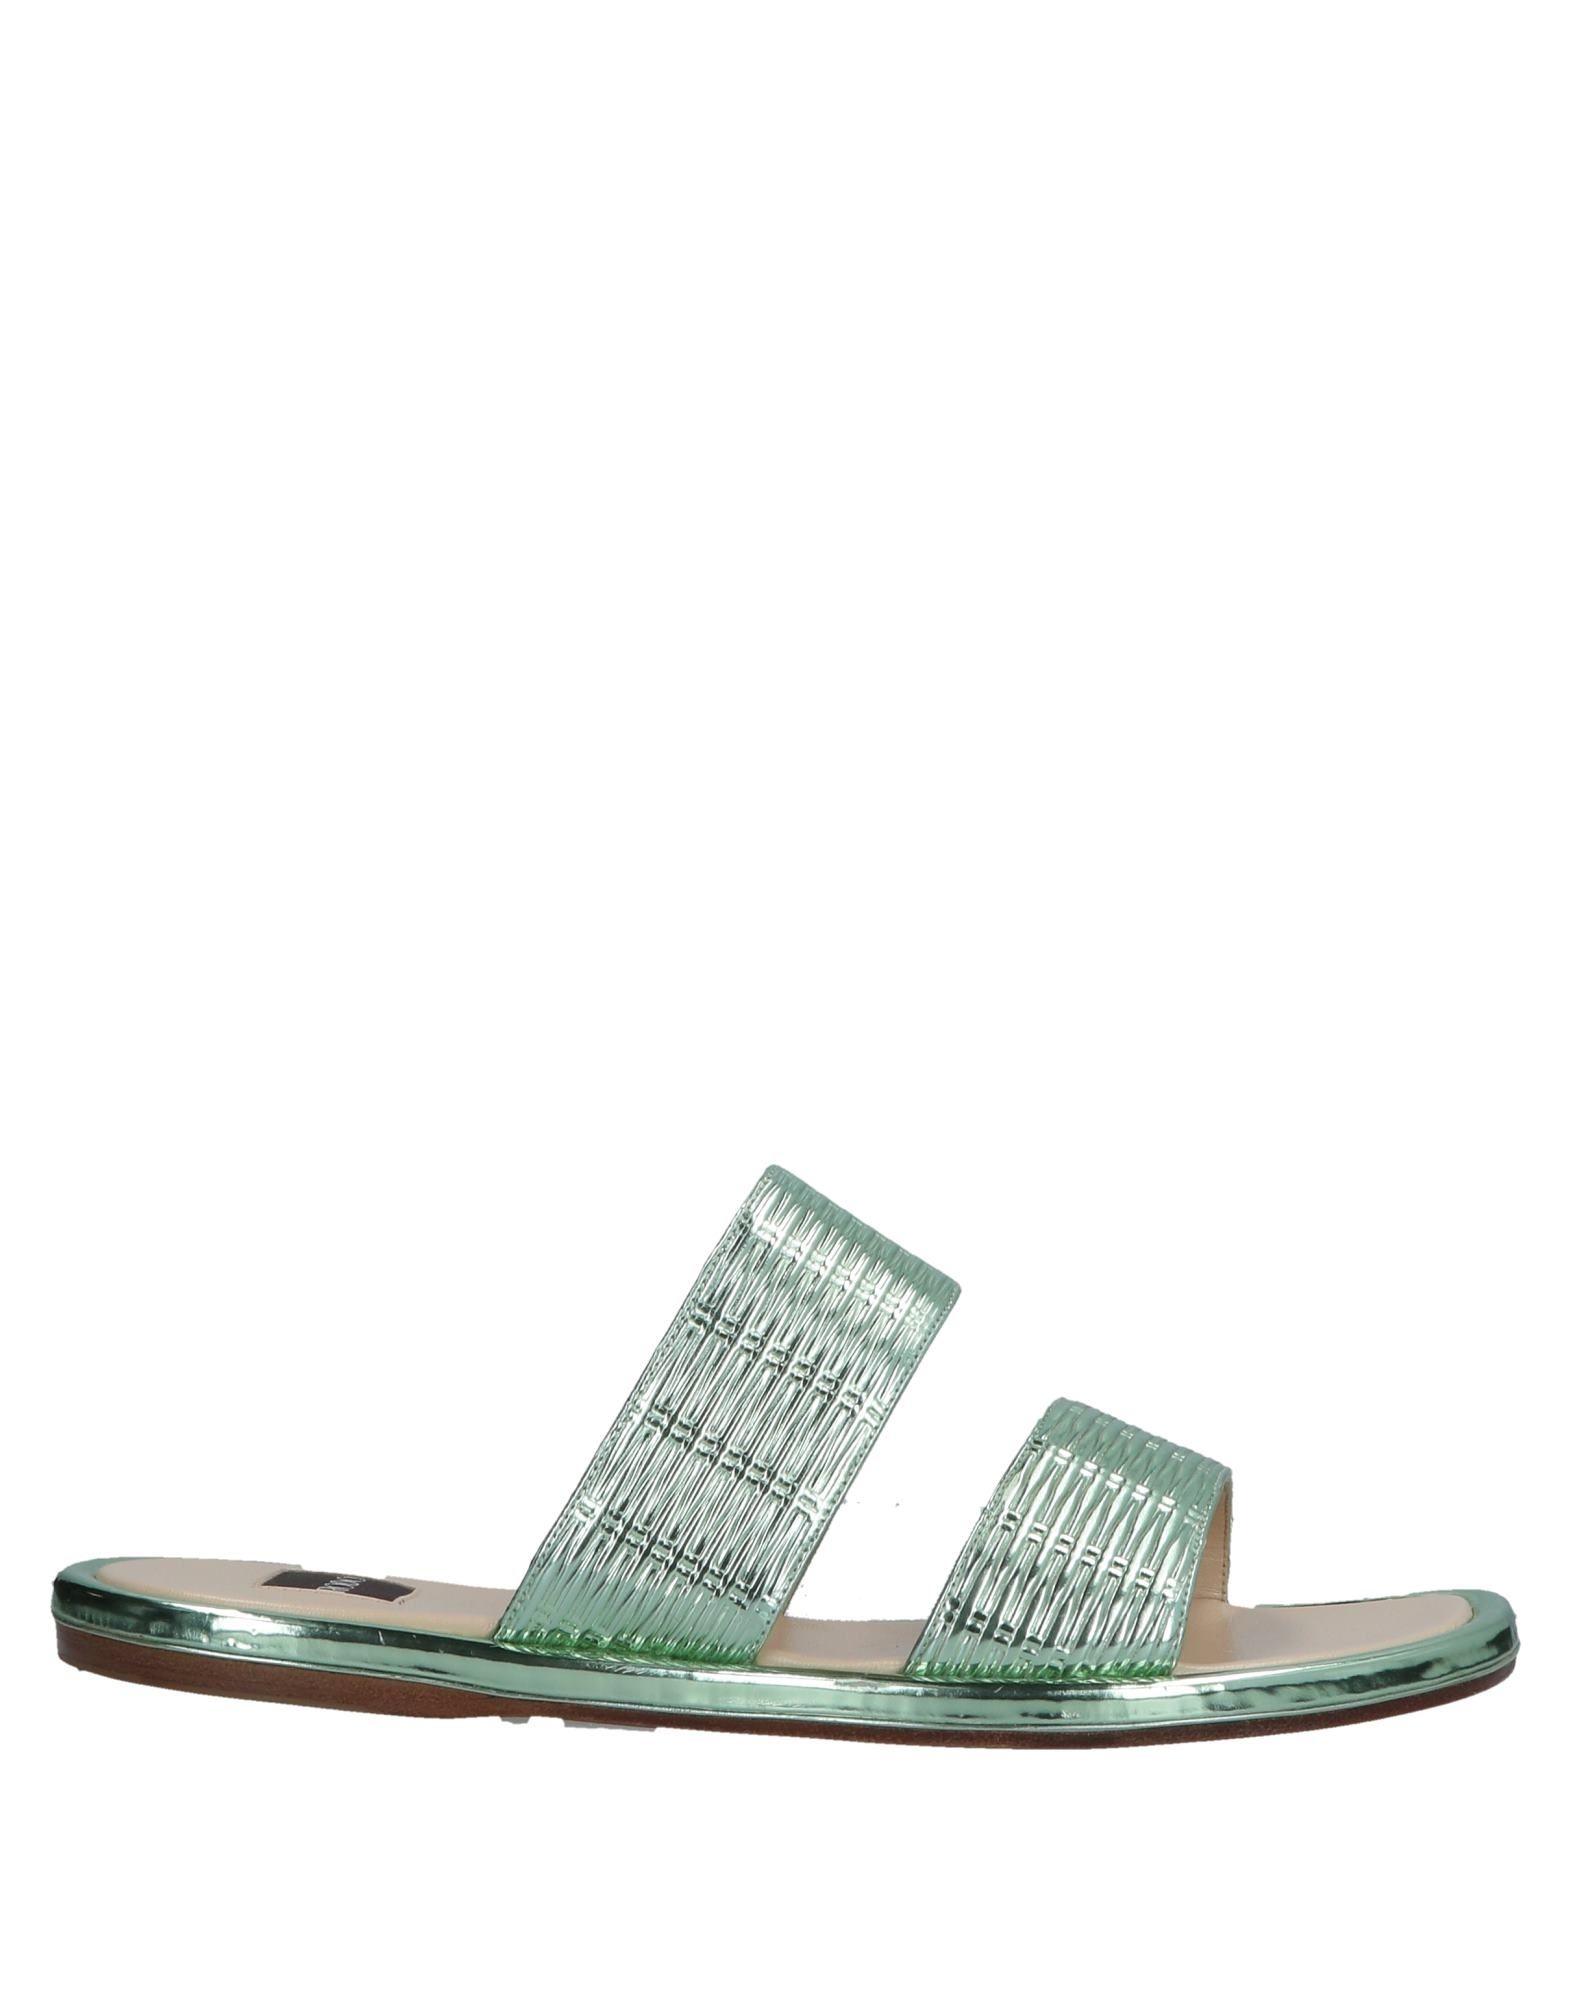 Rodo on Sandals - Women Rodo Sandals online on Rodo  Australia - 11575202KH d991b0